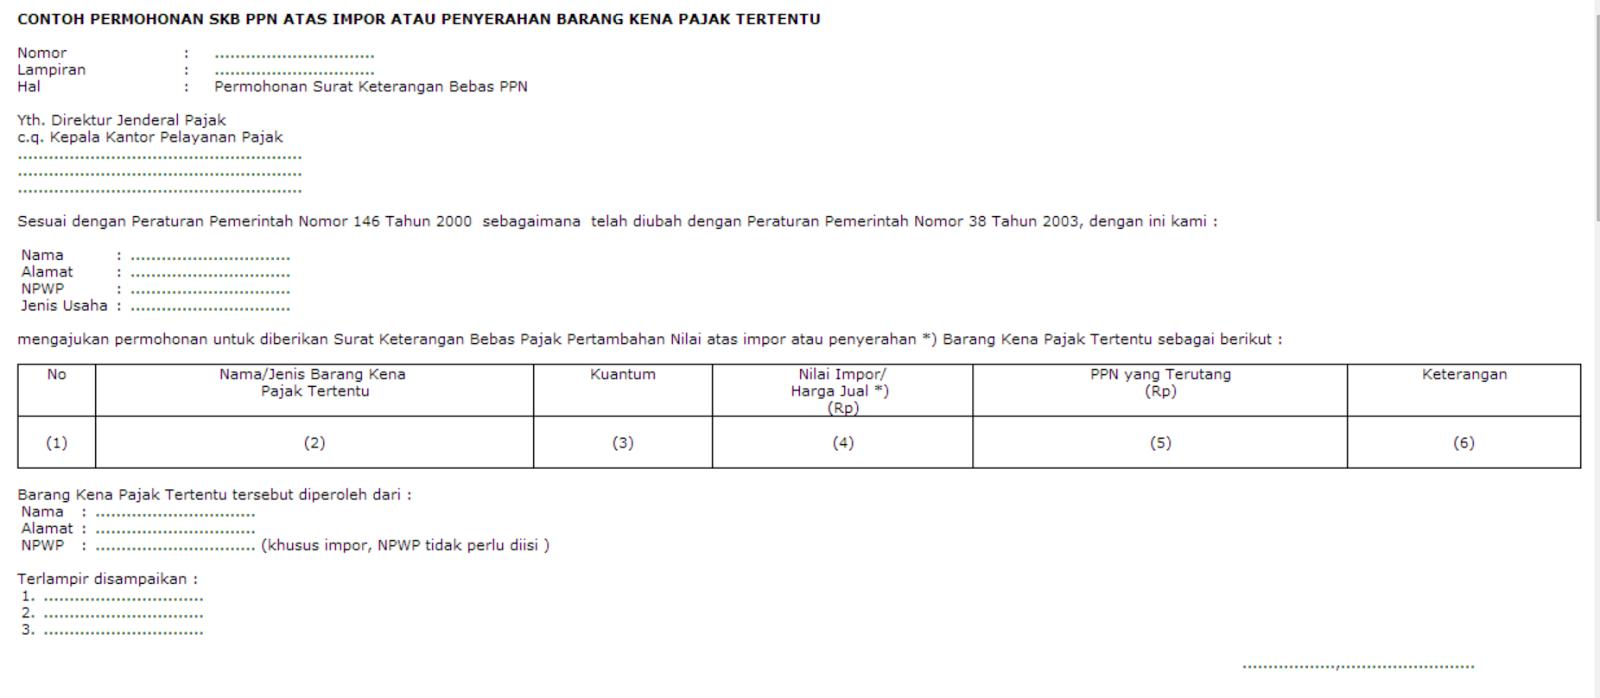 contoh surat permohonan SKB PPN yang dibebaskan